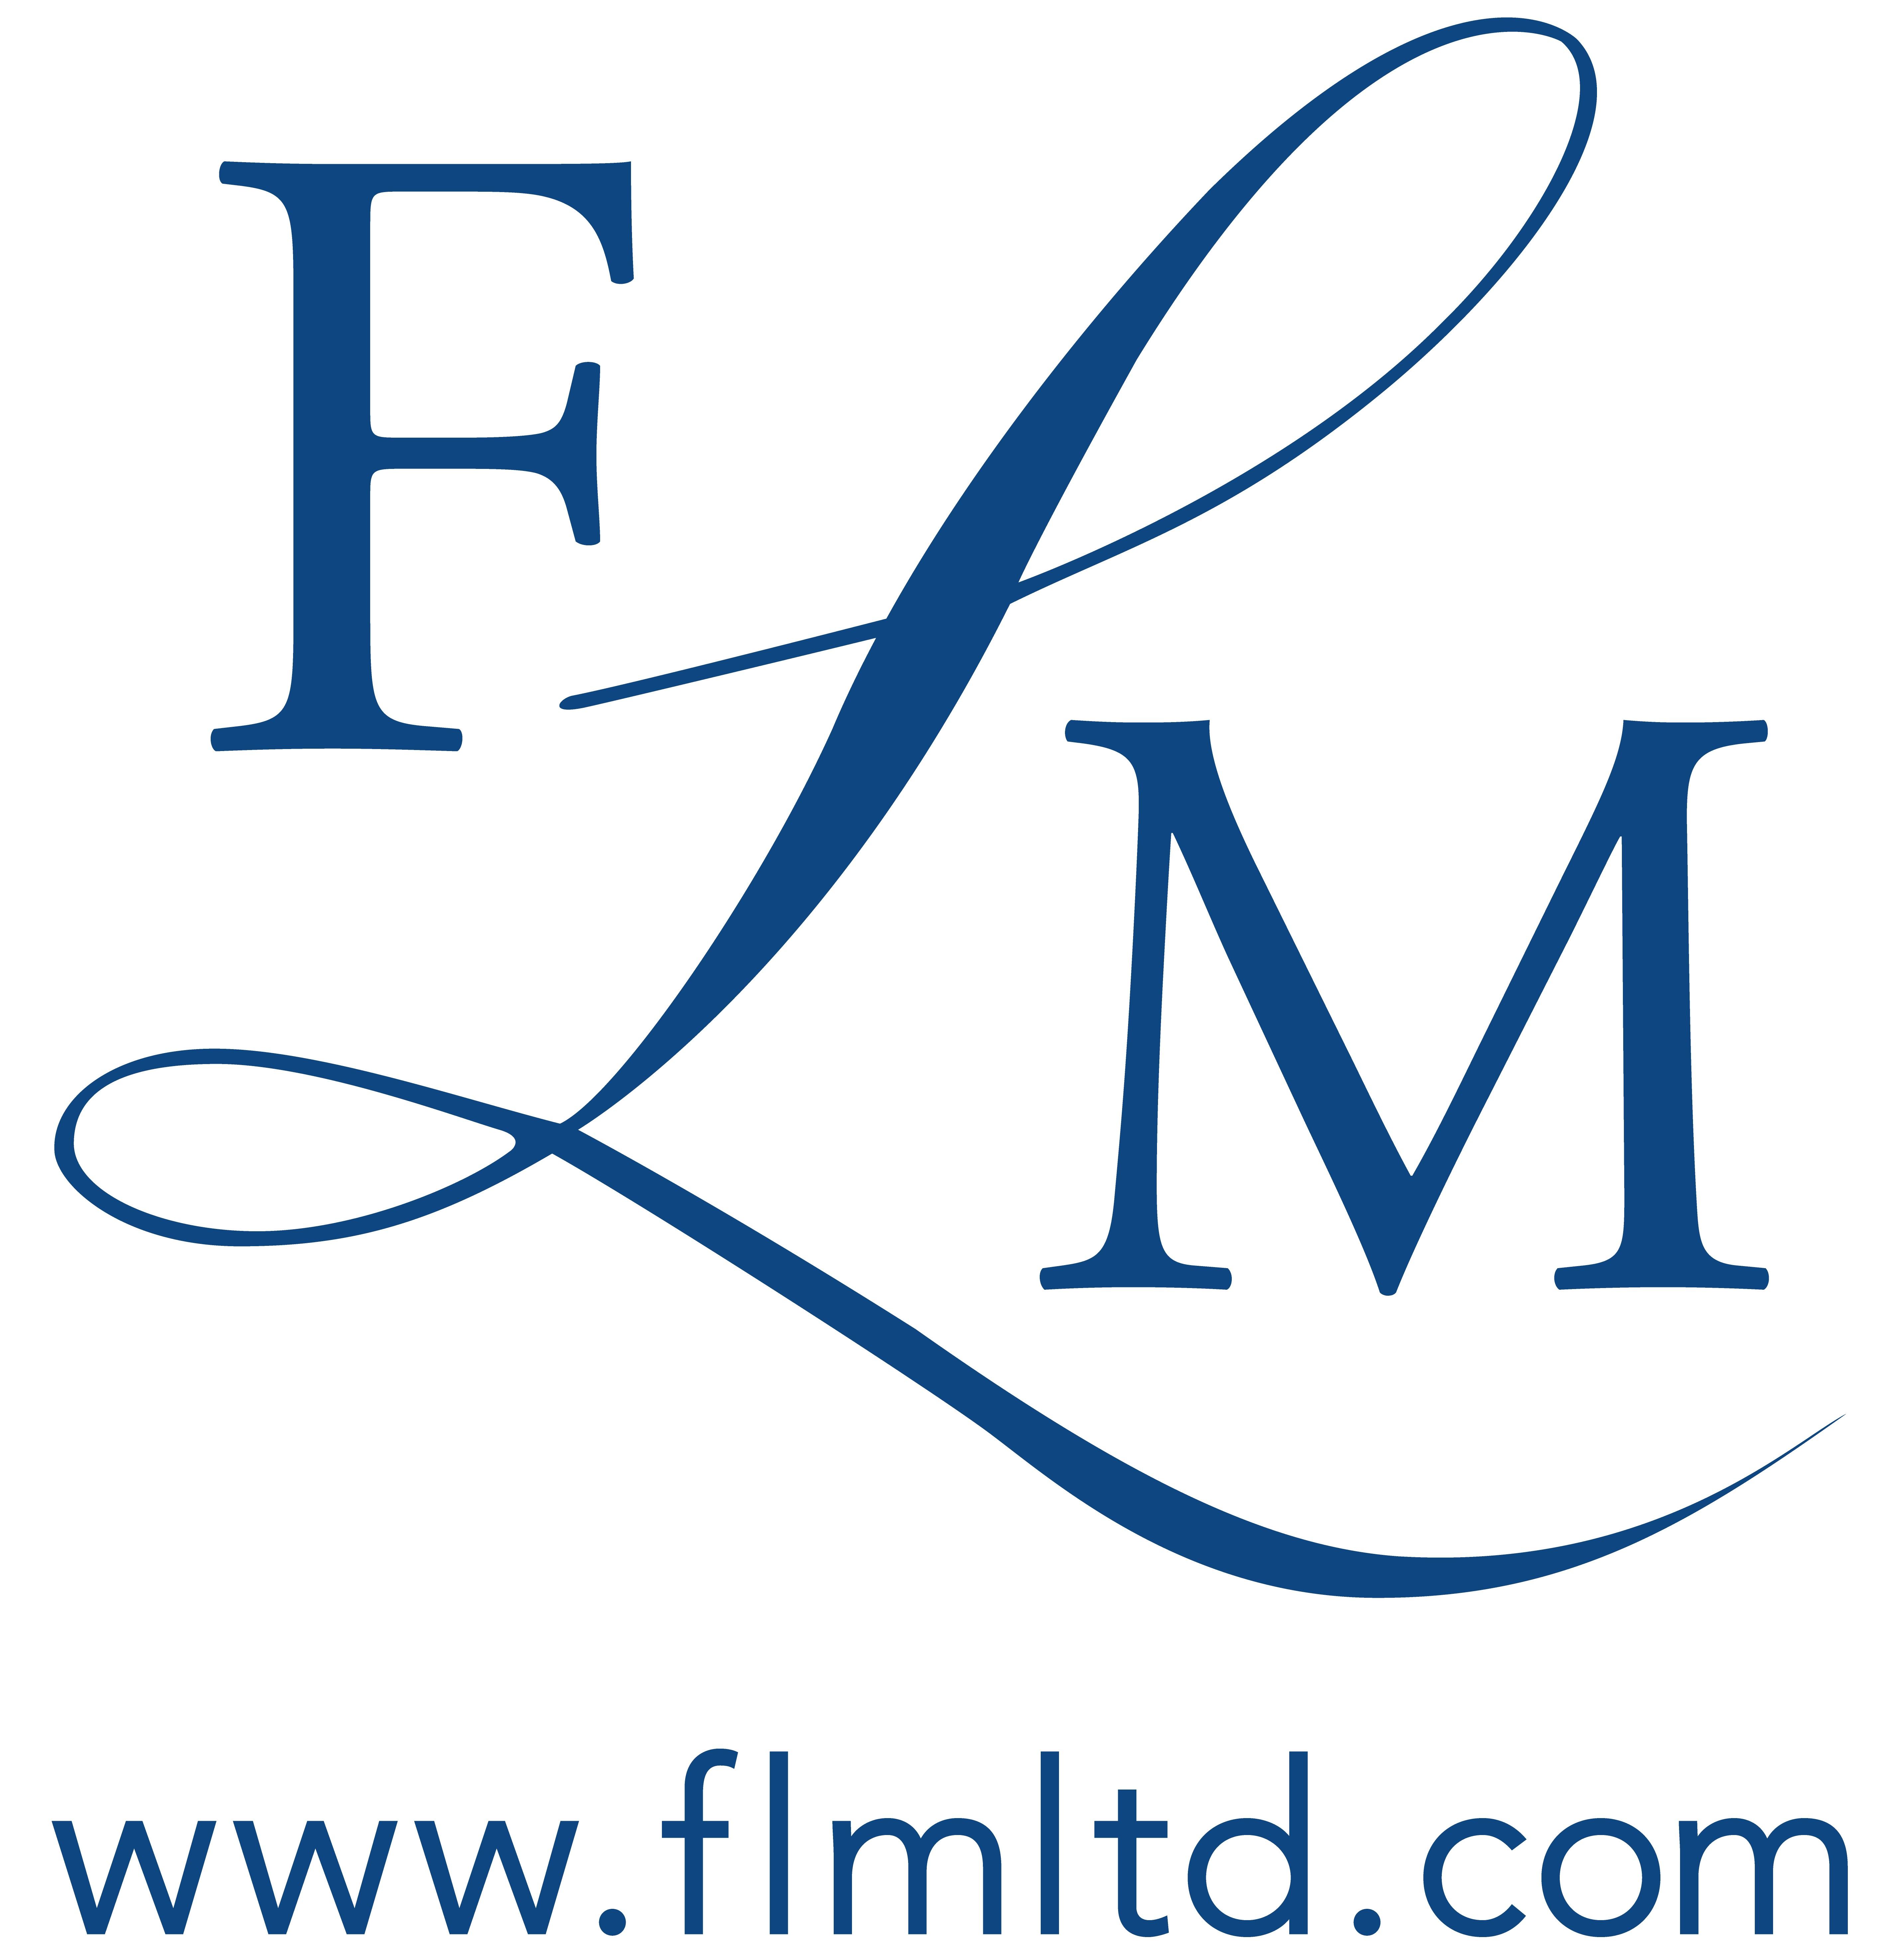 FLM Ltd